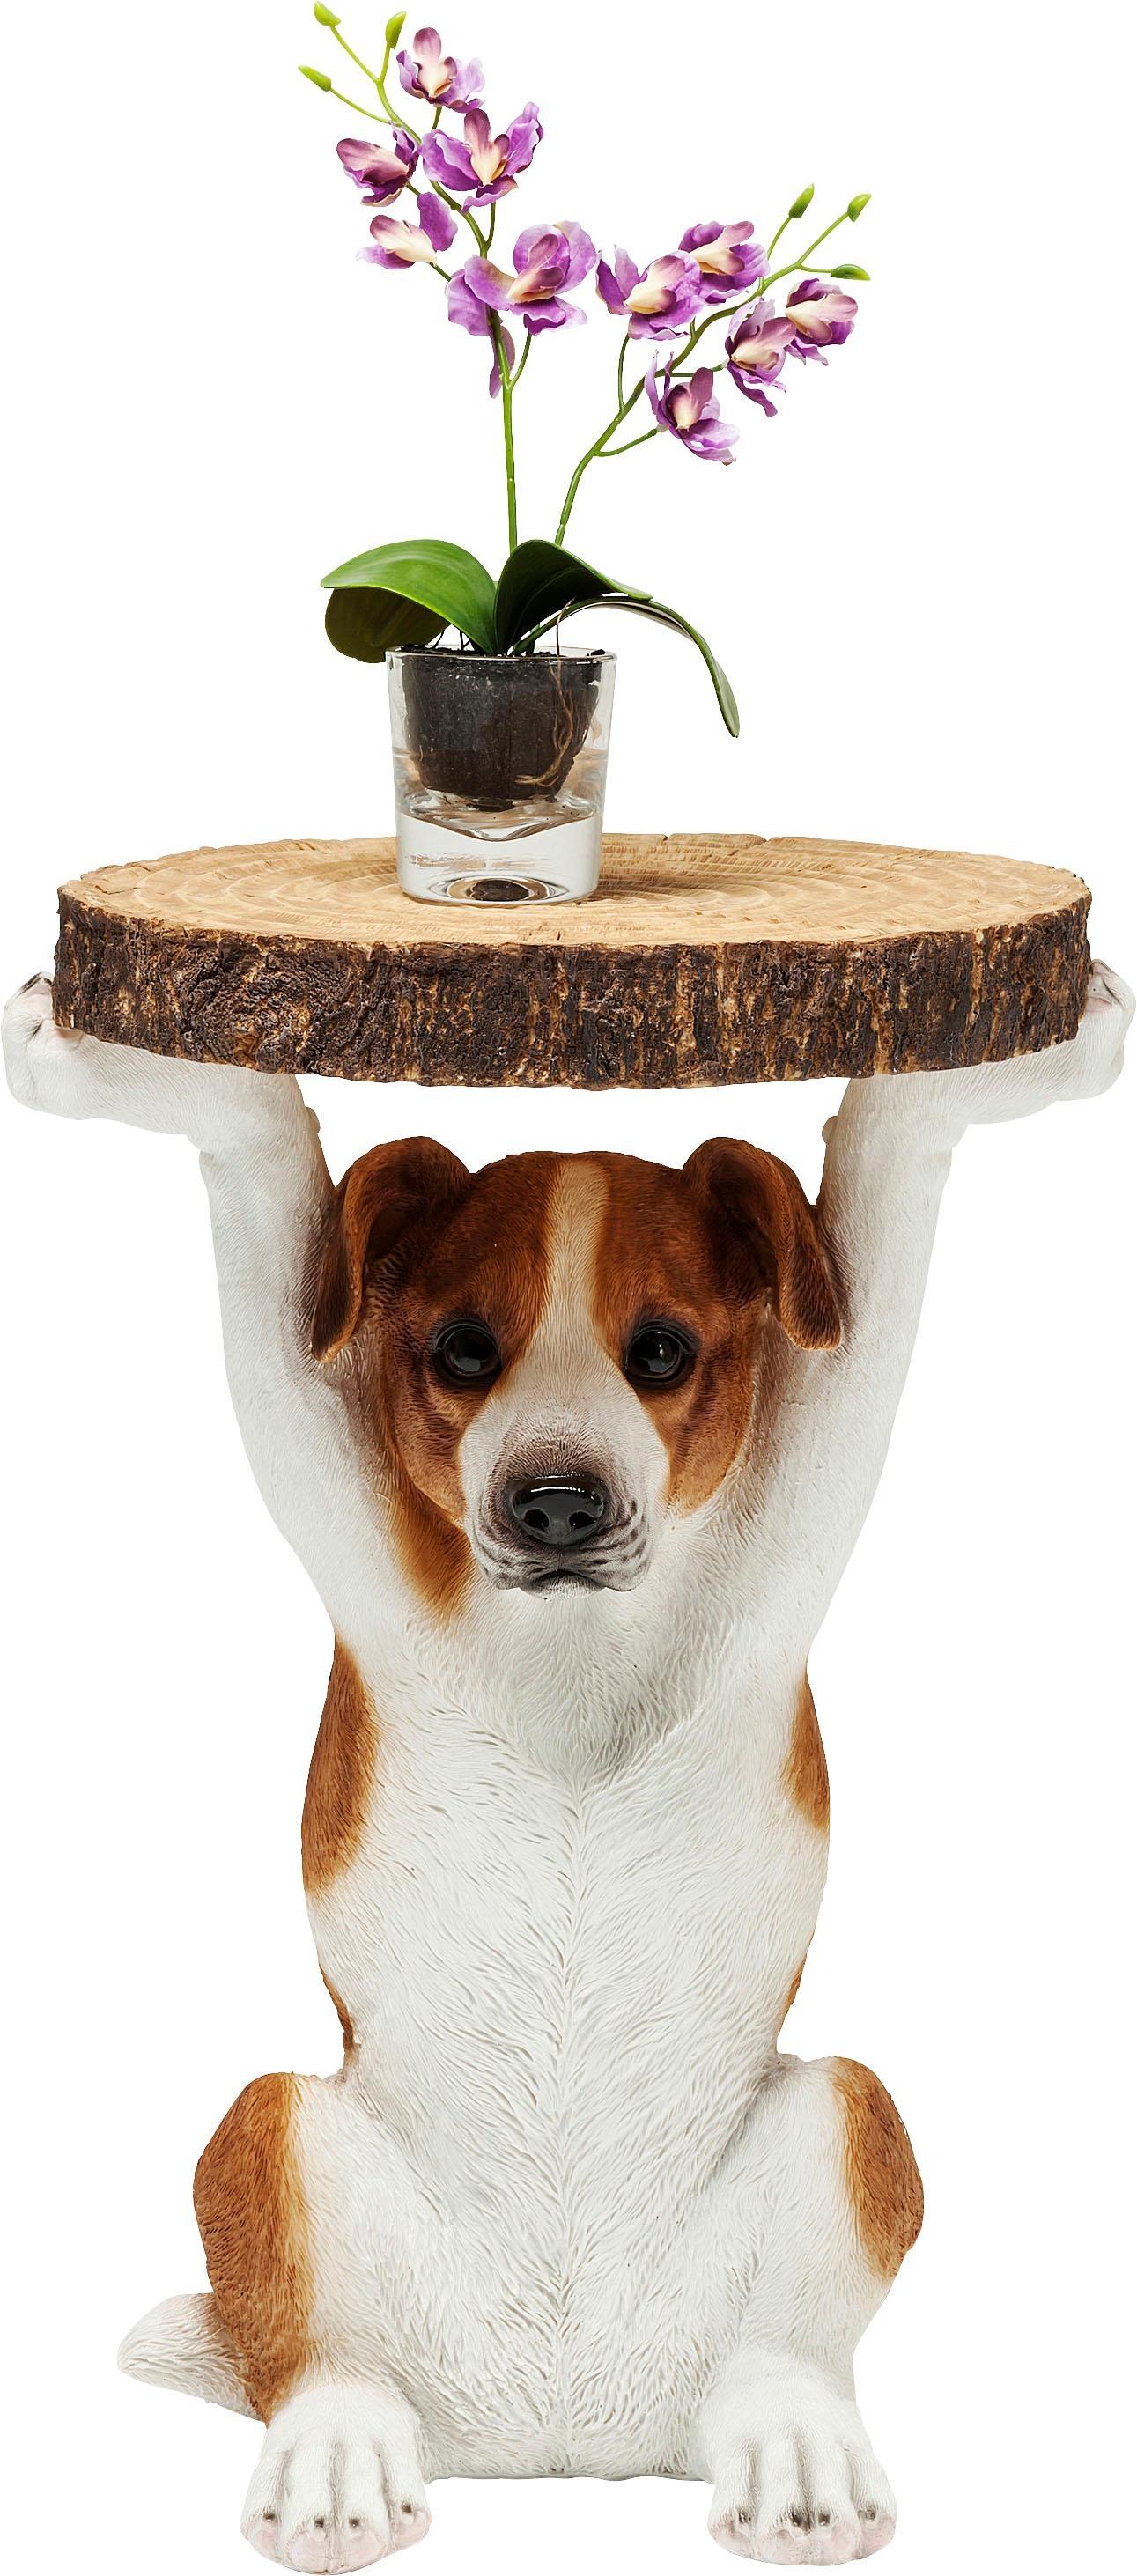 KARE Beistelltisch Animal Wohnen/Möbel/Tische/Beistelltische